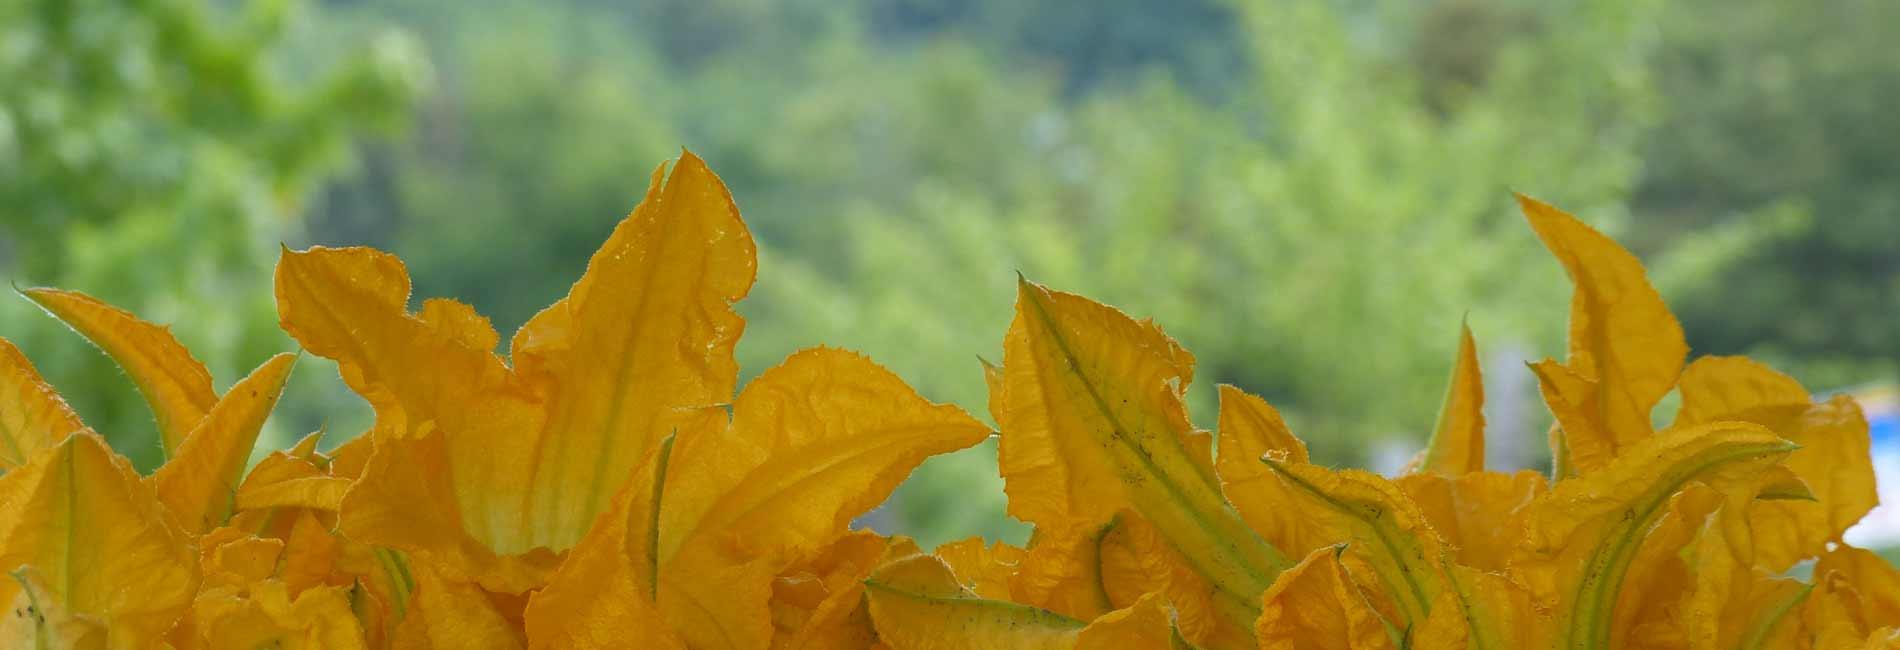 Foto dei fiori di zucca